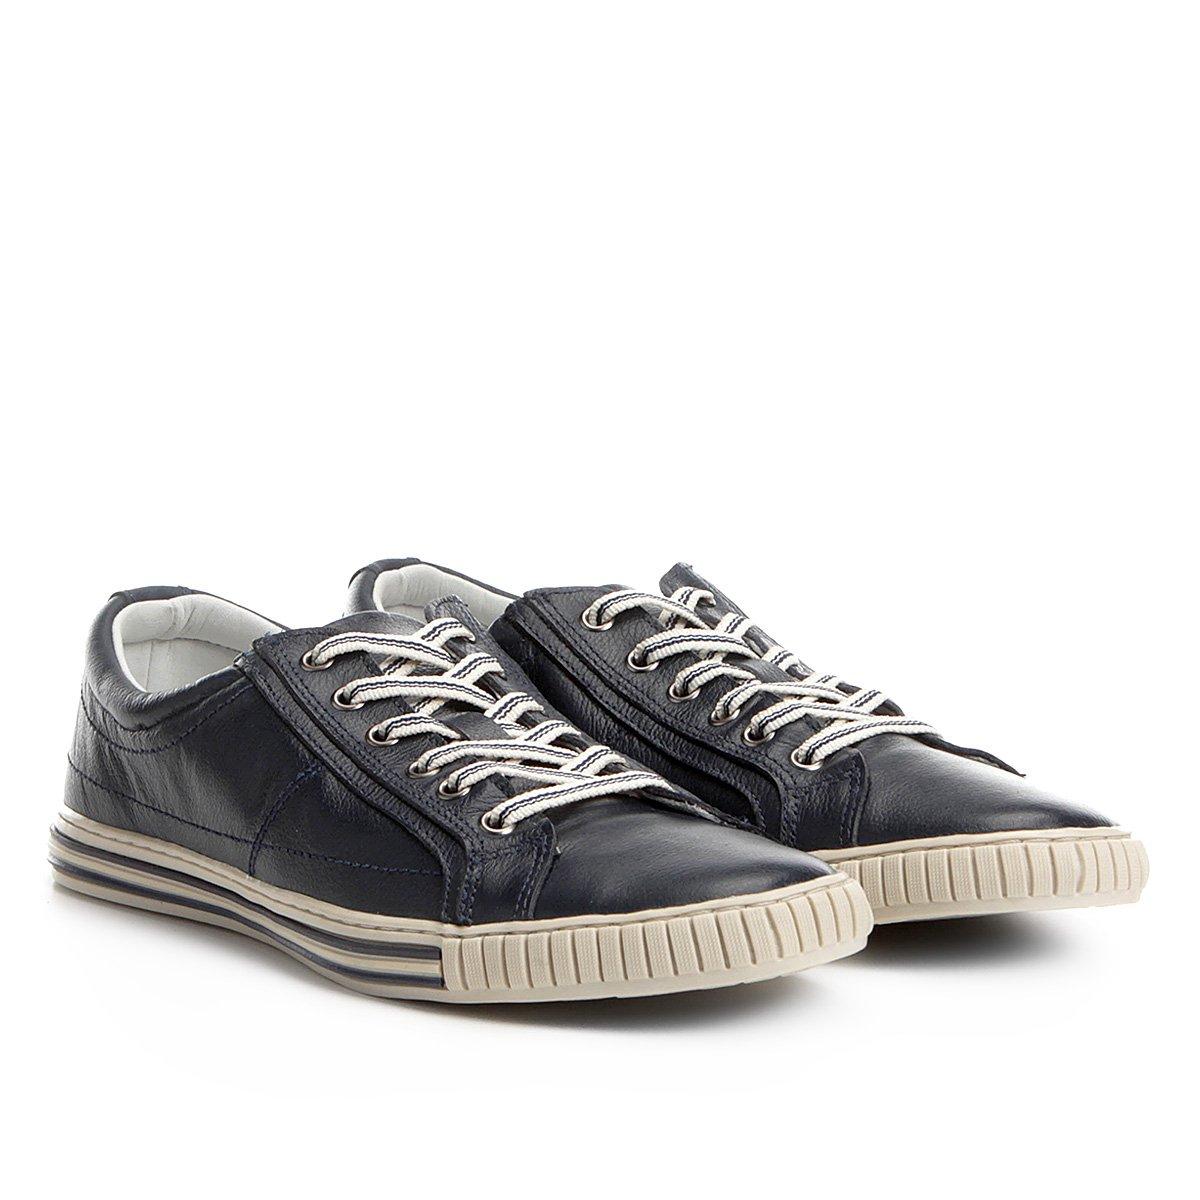 06c7b2042a Sapatênis Couro Shoestock Listras Masculino - Compre Agora